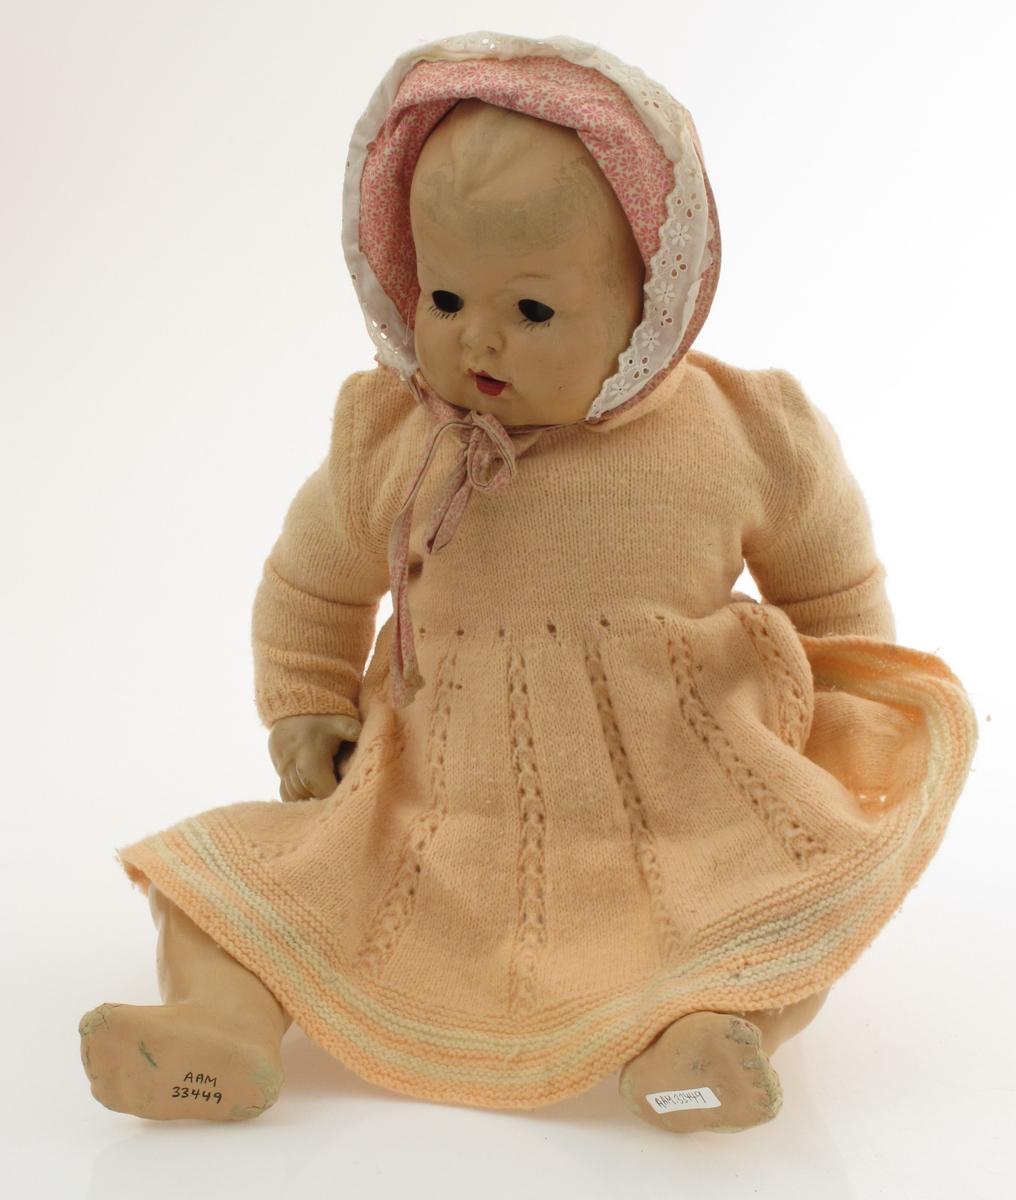 a) Sovedukke i babystørrelse. Tynn plastoverflate på mer solid base. Kropp, hode, armer og ben er leddet. Øyer har vært lukket i liggende stilling.  Ikledd rosa strikket kjole, strikket undertøy og kyse. Løst plagg følger med. b) Kjole strikket, rosa farge.  c) Underkjole d) Bukse e) Kyse  f) Bukse med seler (lå i kufferten)